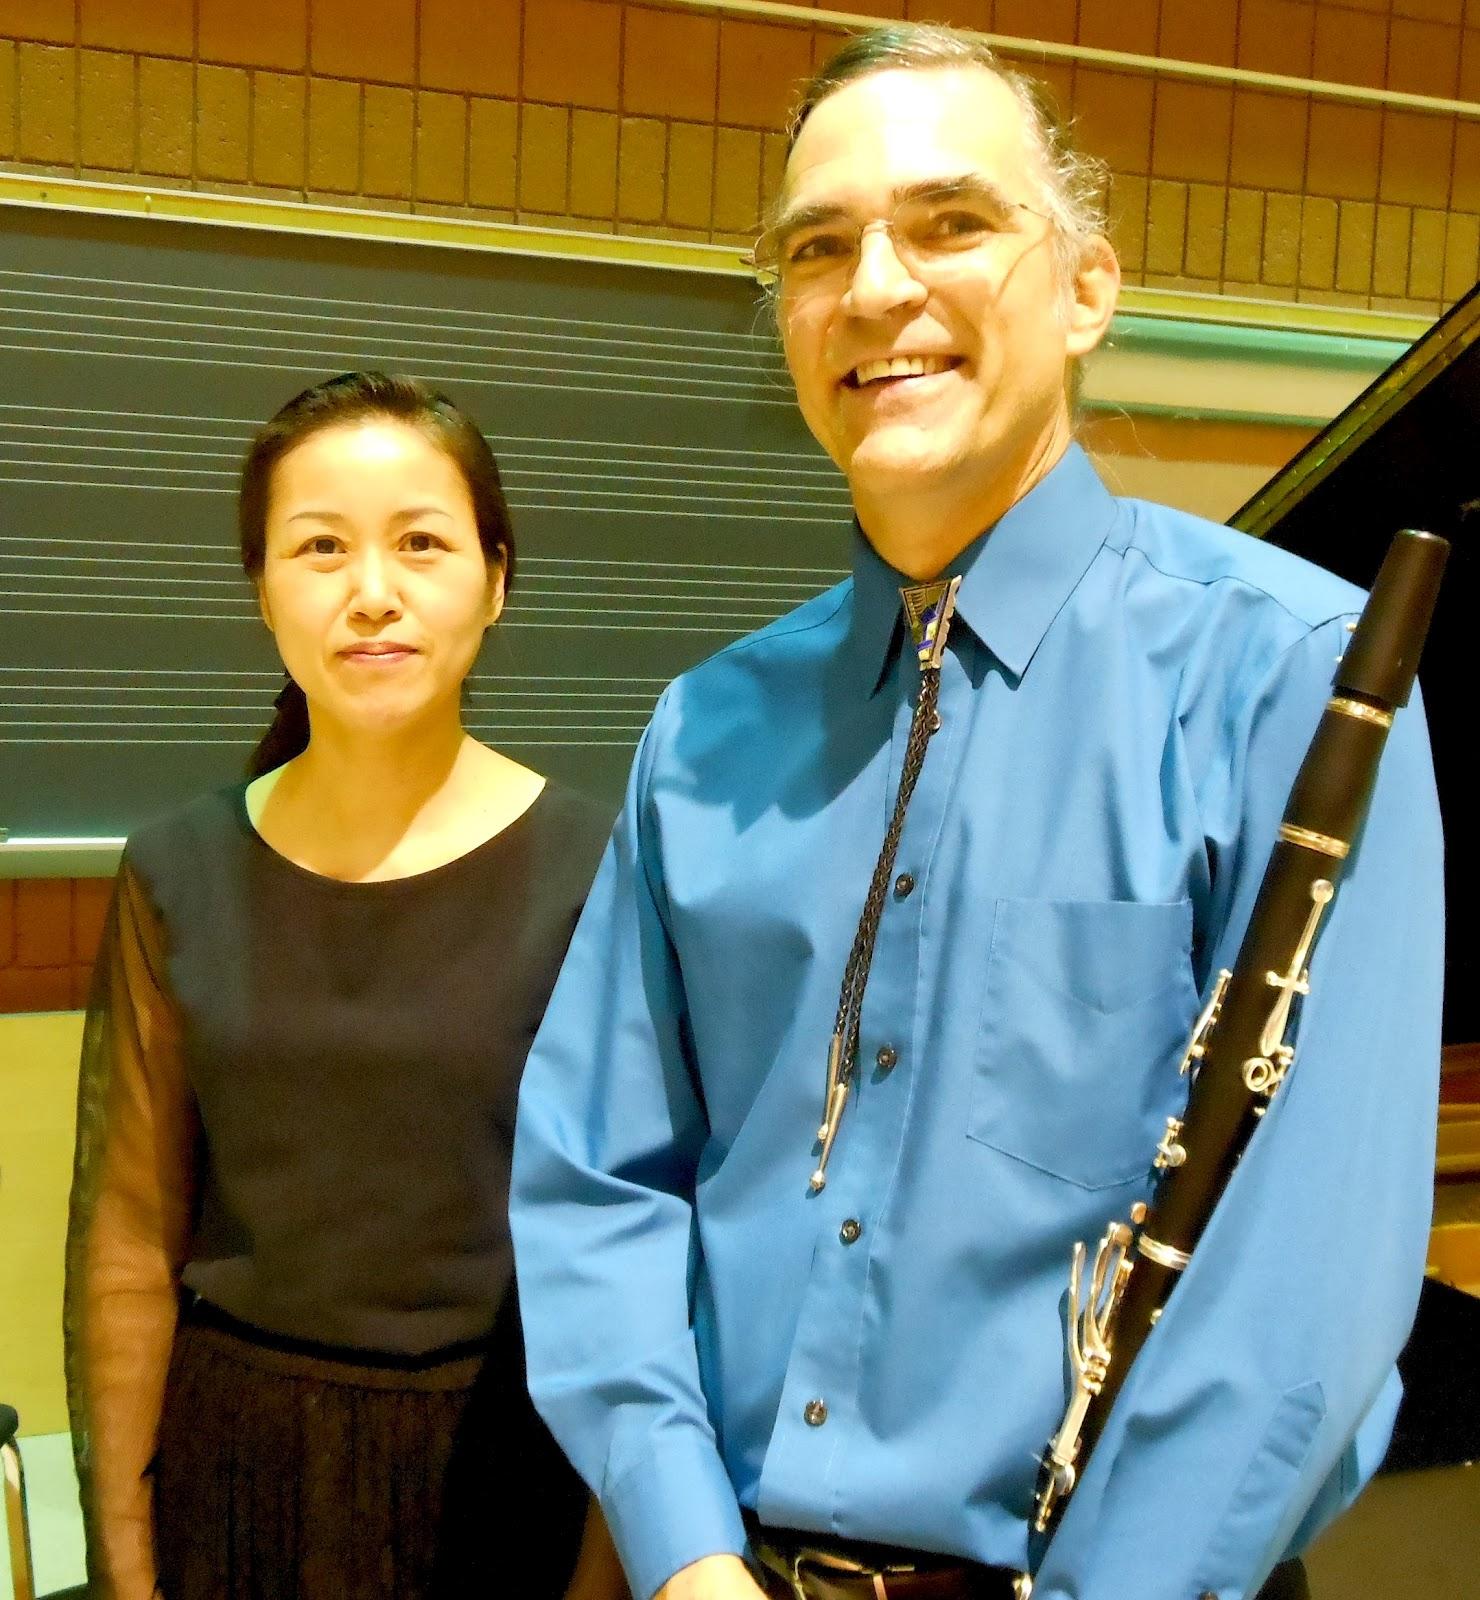 brahms clarinet sonata op 120 analysis essay